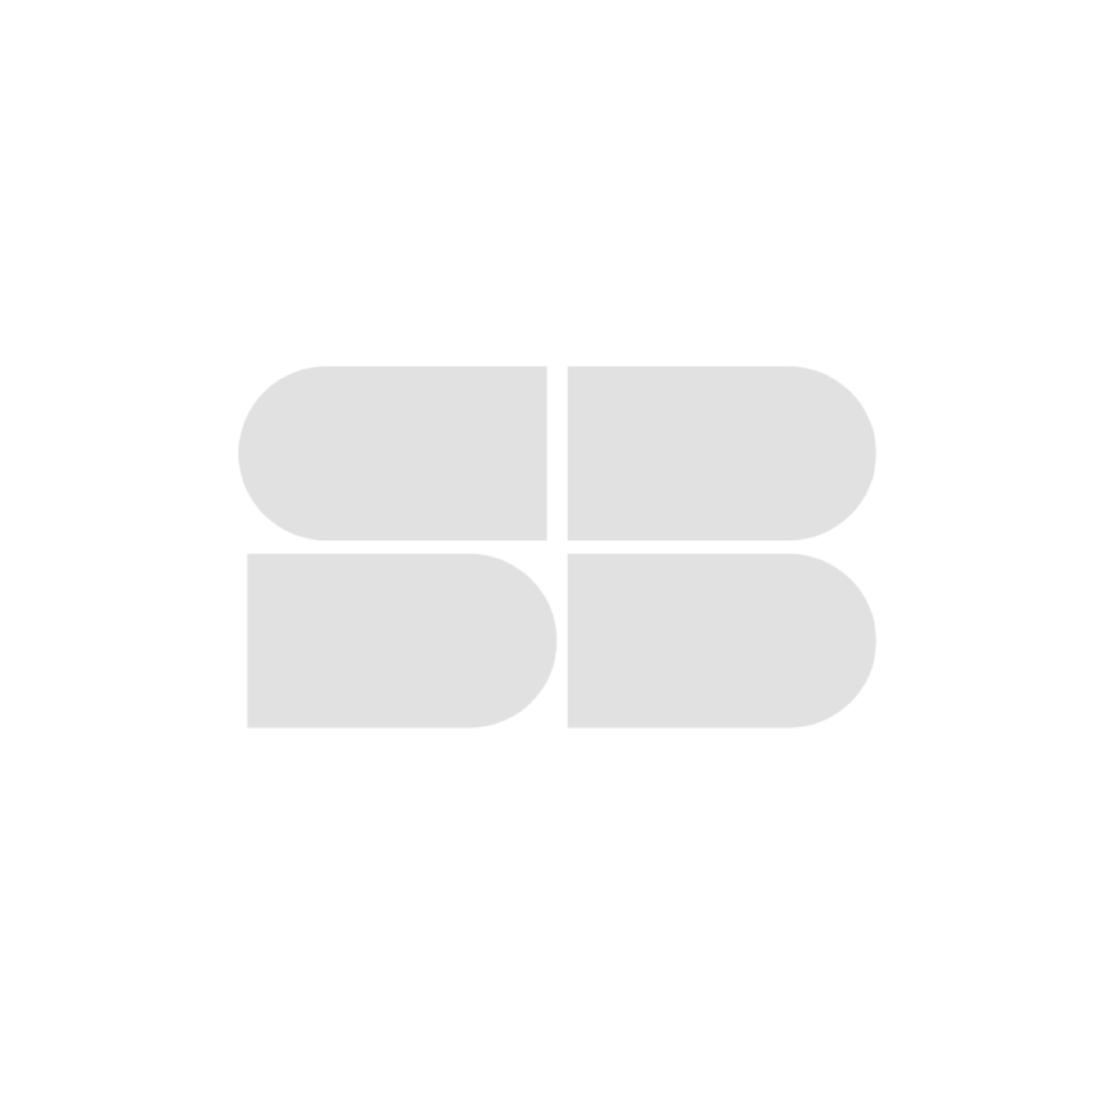 โต๊ะข้าง โต๊ะข้างเหล็กท๊อปกระจก รุ่น Kamoni สีสีครีม-SB Design Square